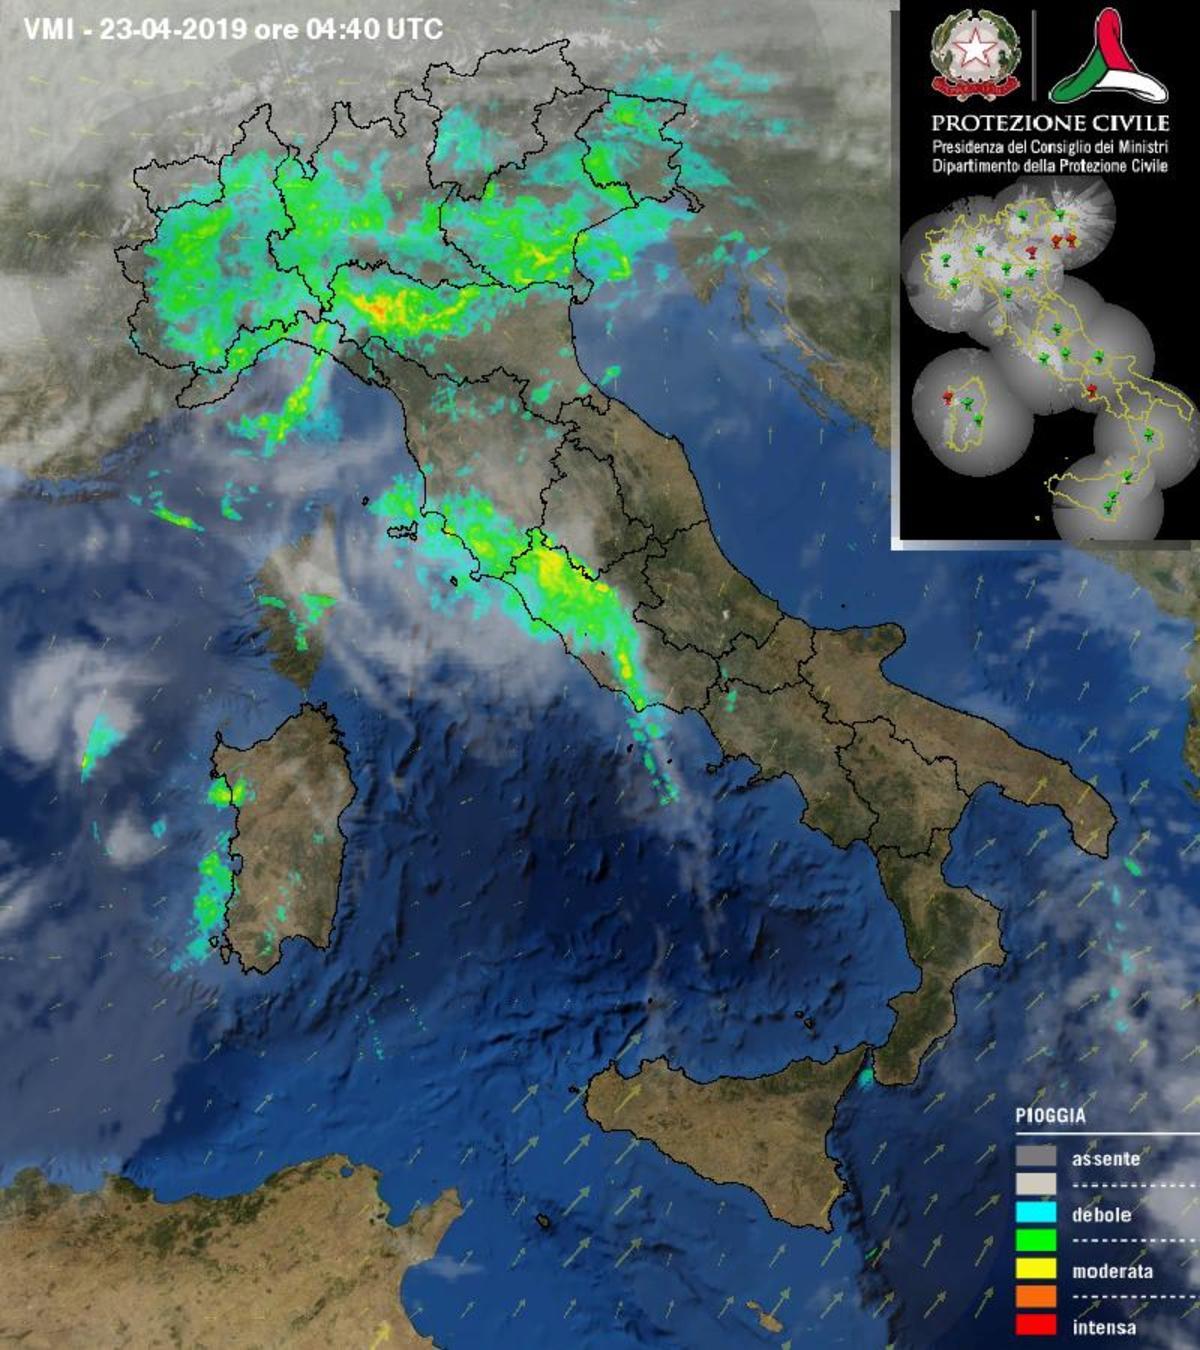 Piogge e temporali al Centro-Nord - protezionecivile.gov.it